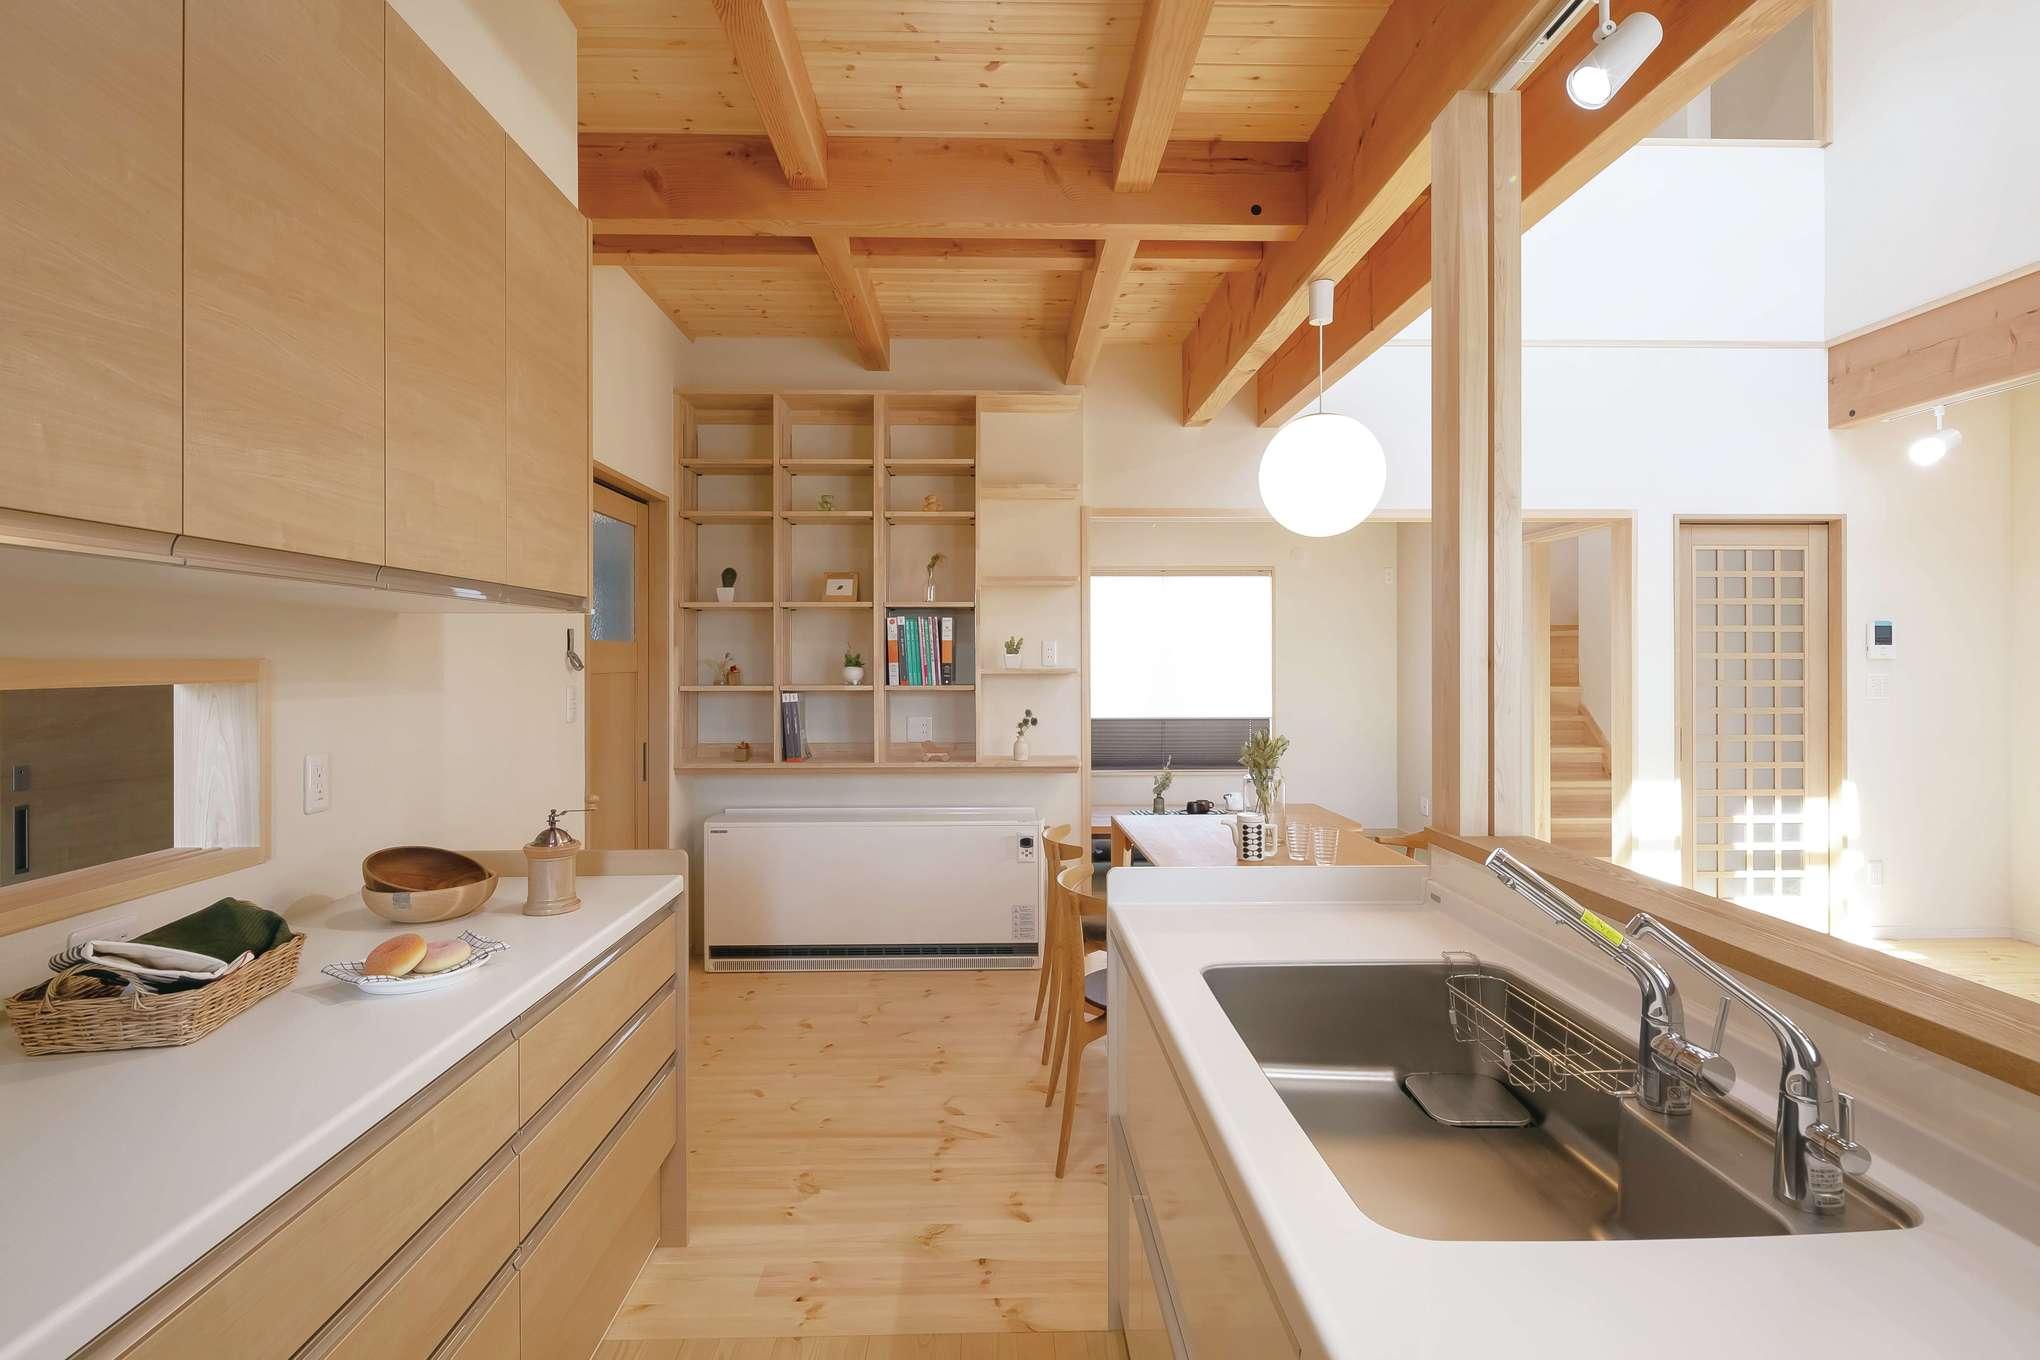 住まいるコーポレーション【収納力、自然素材、デザイン住宅】キッチンの横にはセンスの良い「見せる収納棚」を設けてある。その下には蓄熱暖房機があり、1台で家中が温まり家計にも優しい。吹抜けの解放感を強調するために、キッチンの天井はあえて低めに設定